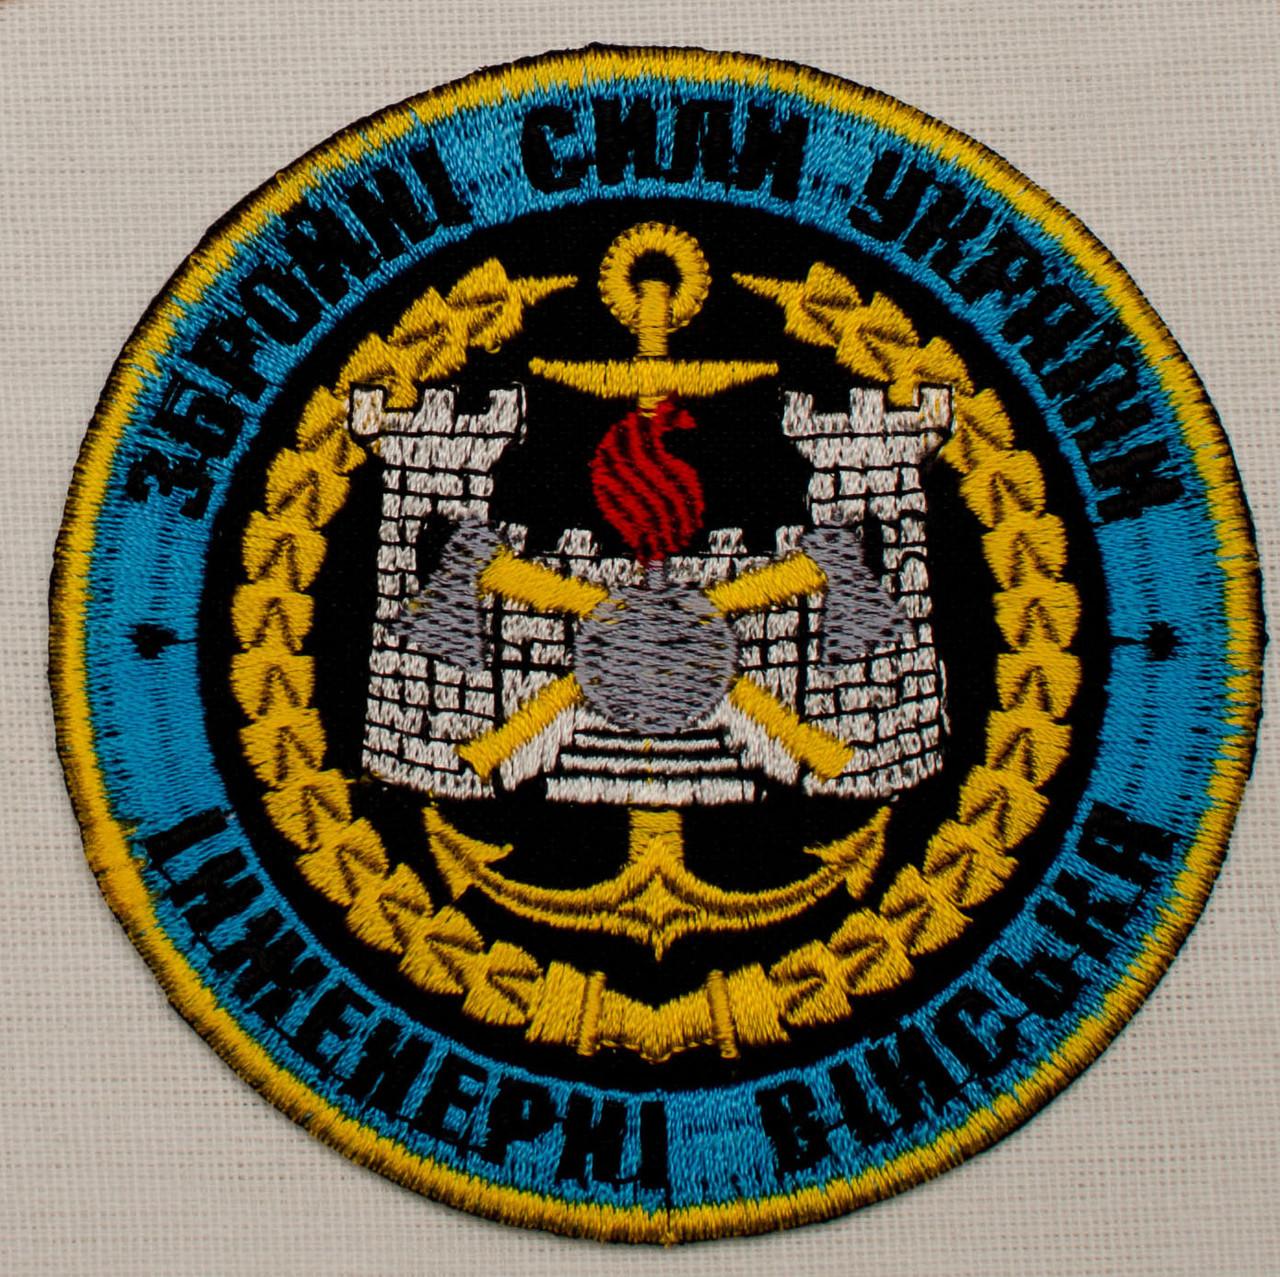 Шеврон Инженерные войска бирюза